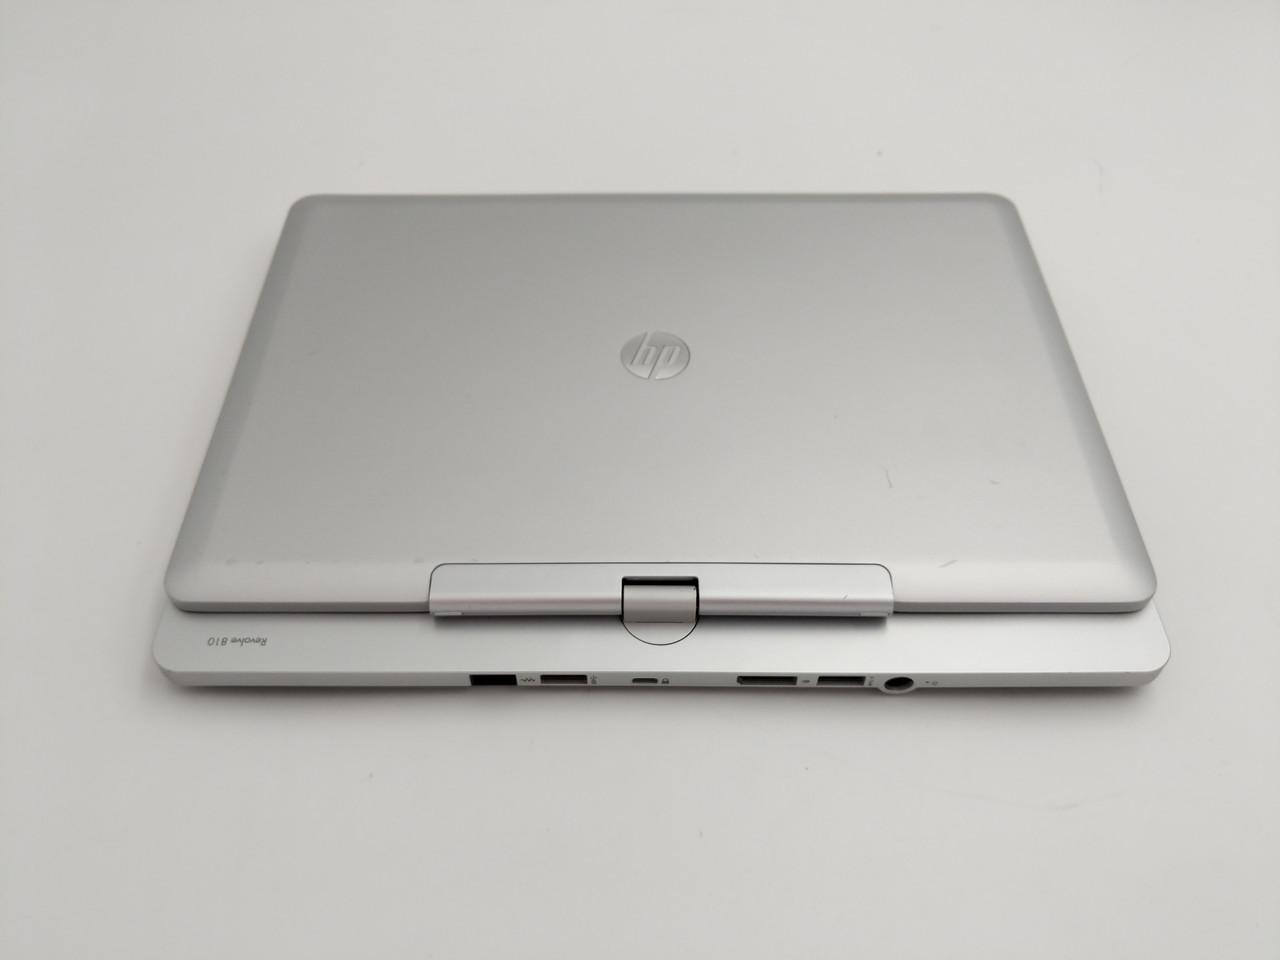 Б/У HP Elitebook Revolve 810 G1 11,6″  i5-3437U /DDR3 8 Gb /SSD Нет в наличии 6